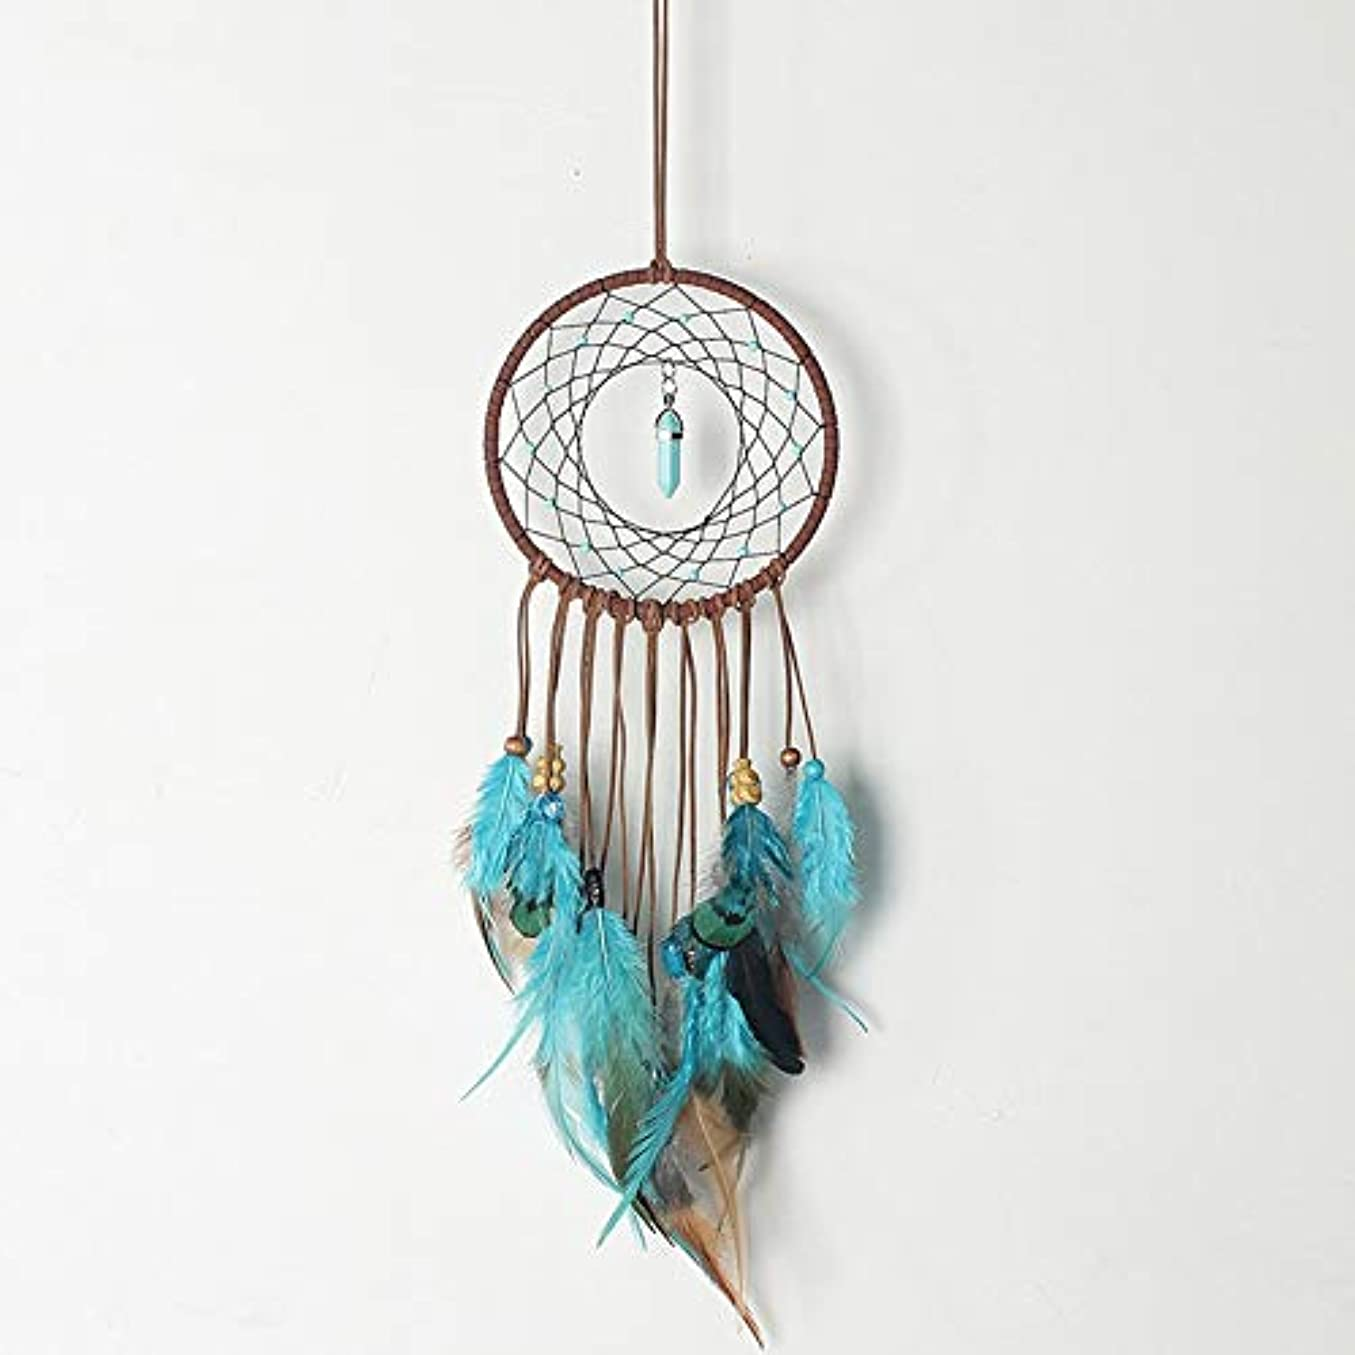 レクリエーション知恵請求書HMMJ ベッドルームの装飾オーナメントクラフト用羽風の鐘で円形ネットハンギング青い壁の装飾手作り織りDIYドリームキャッチャーウォール